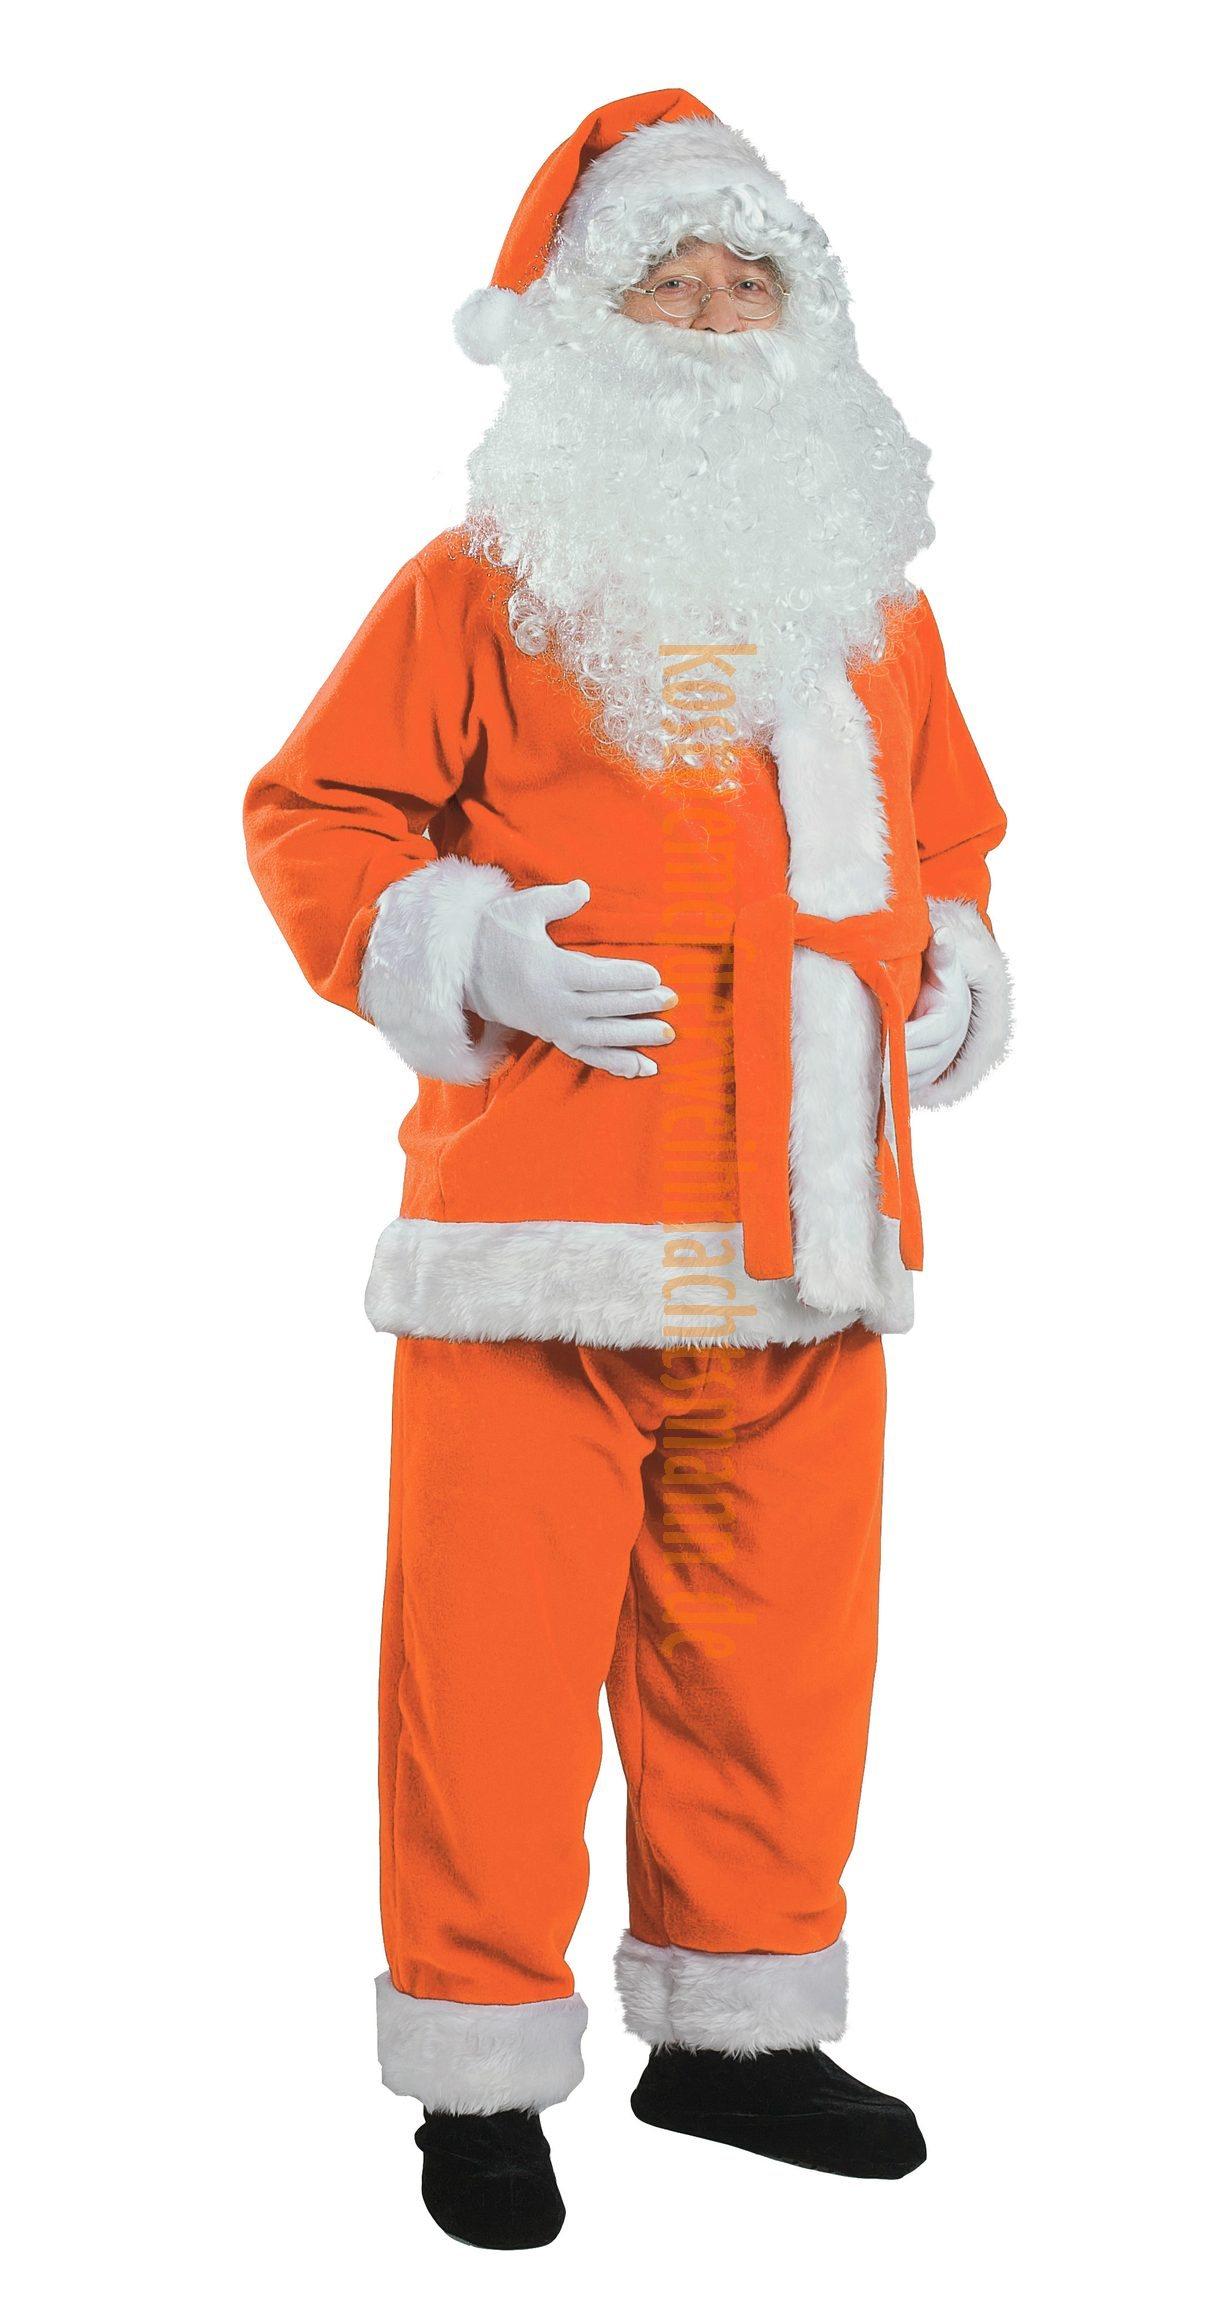 weihnachtsmannkostüm kaufen günstig